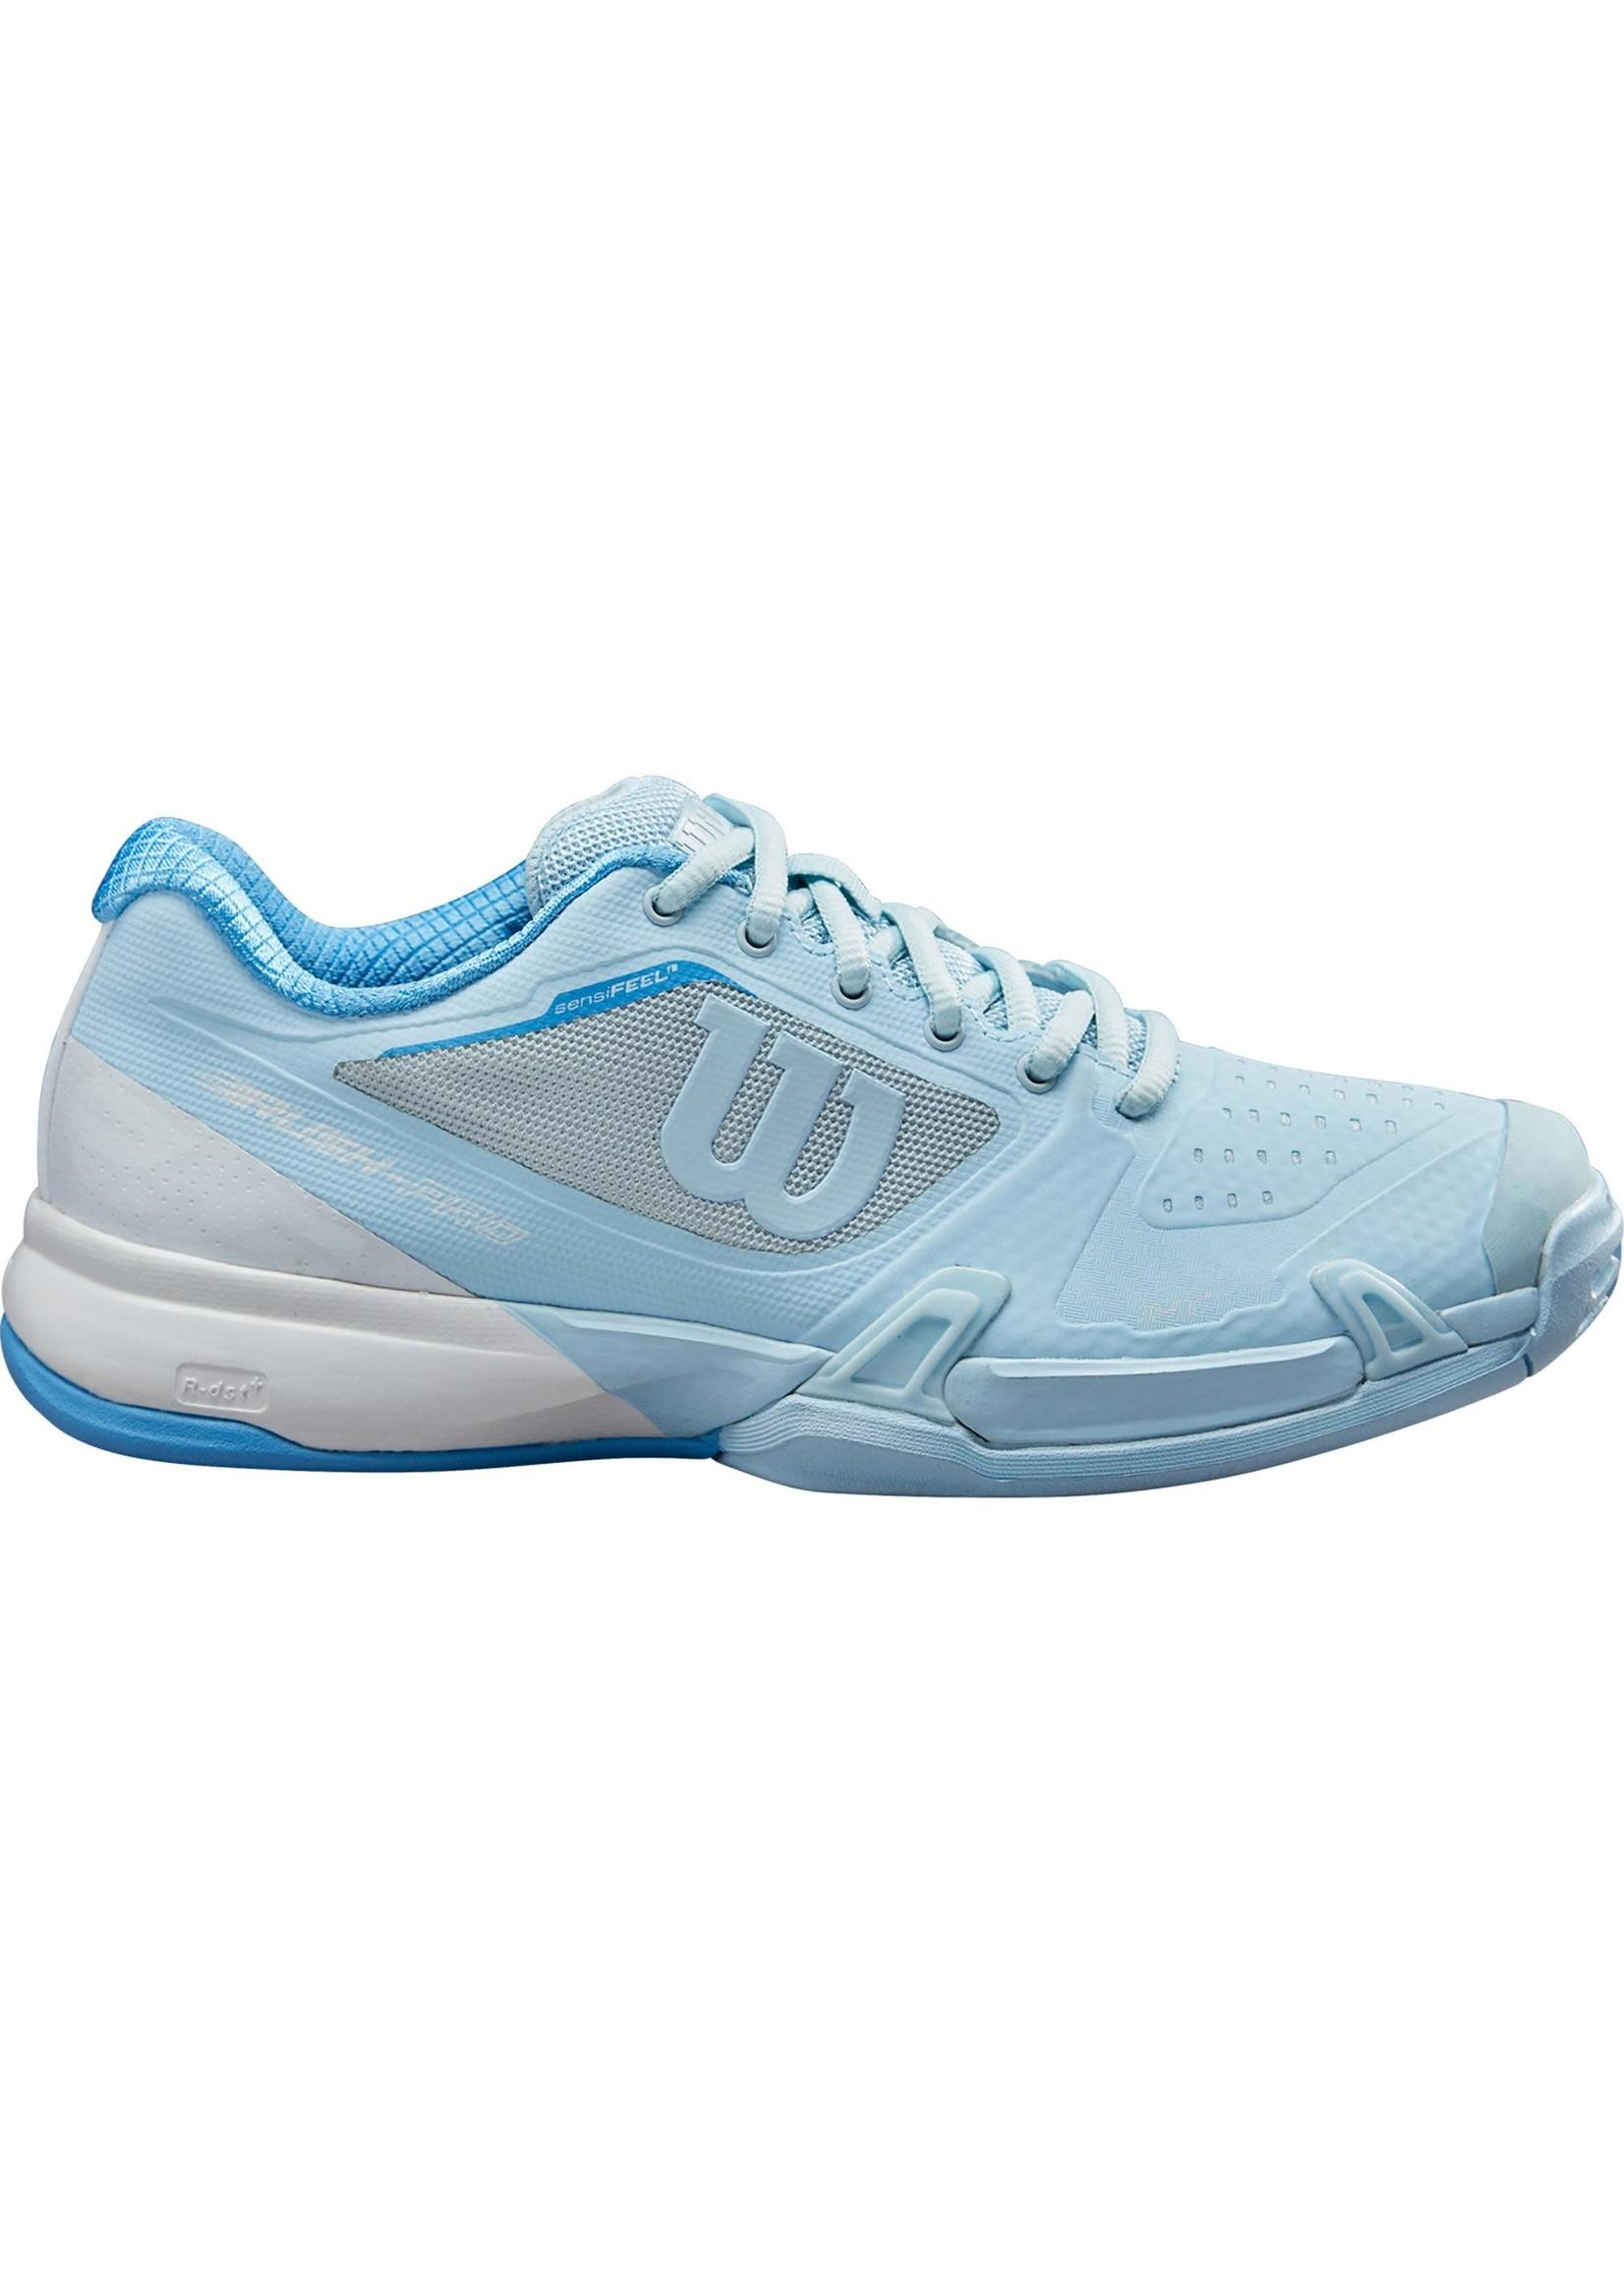 Wilson Wilson Rush Pro 2.5 Ladies Tennis Shoe